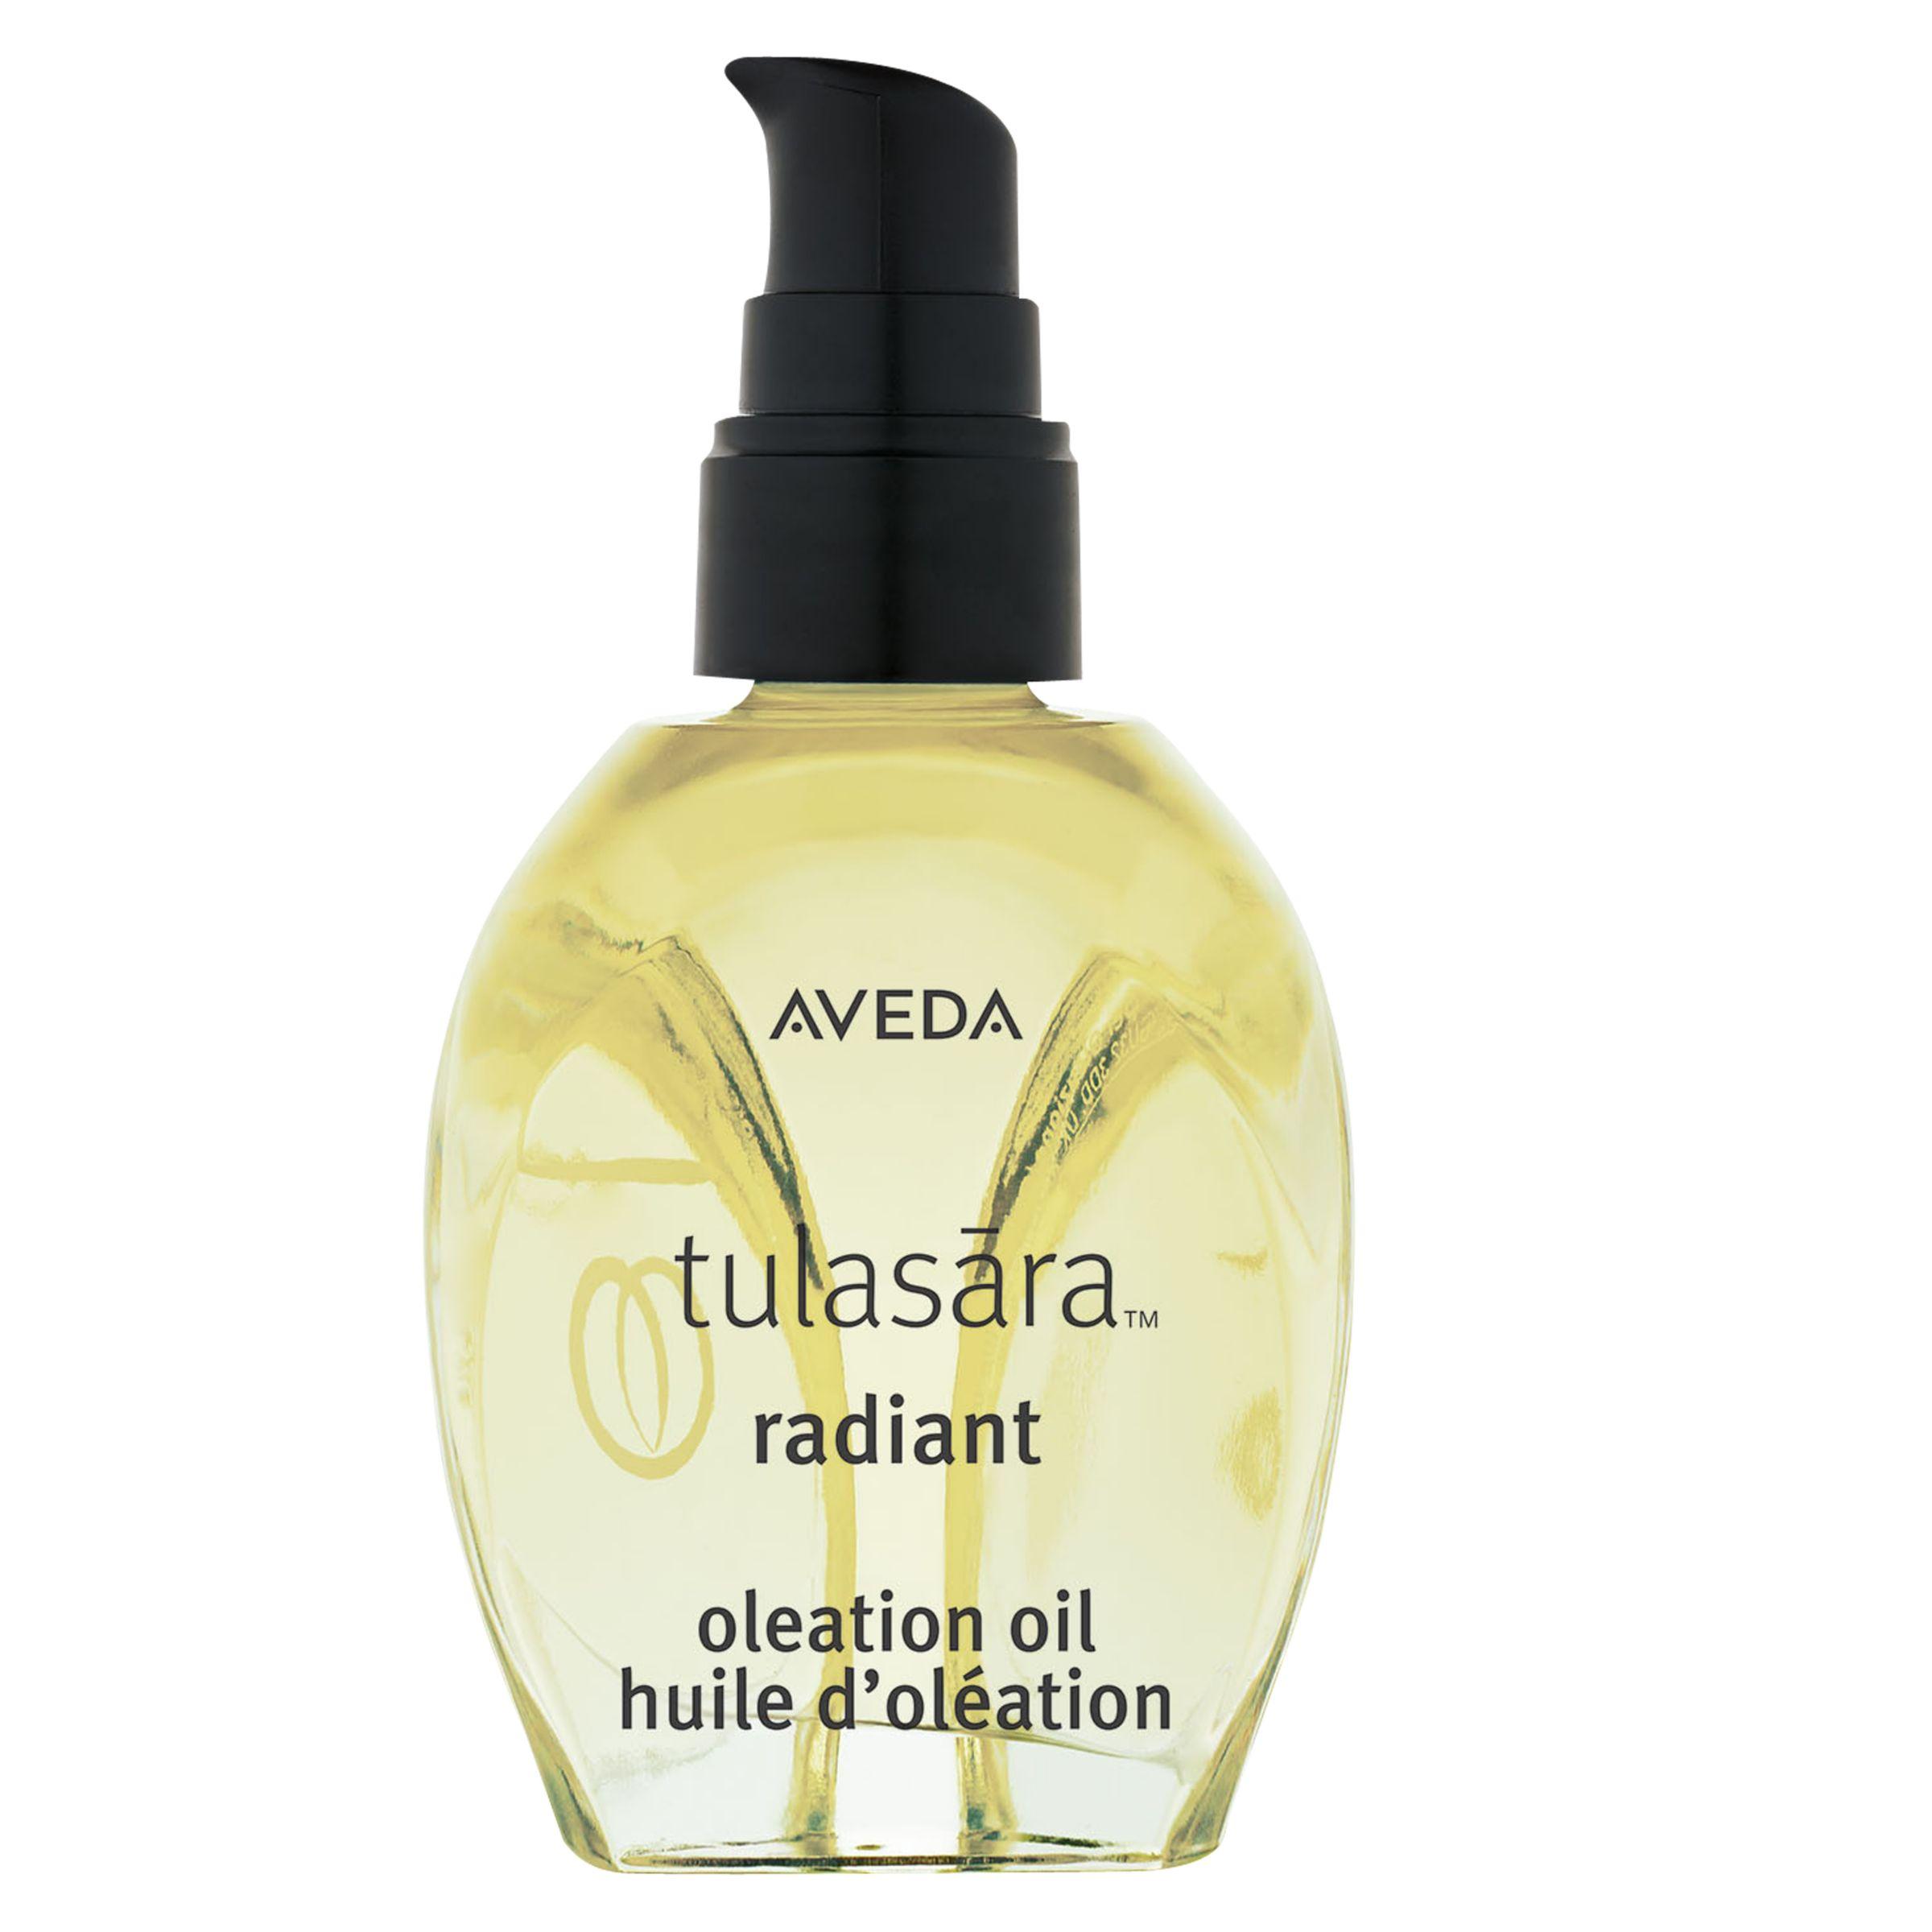 AVEDA AVEDA Tulasara Radiant Oleation Oil, 50ml